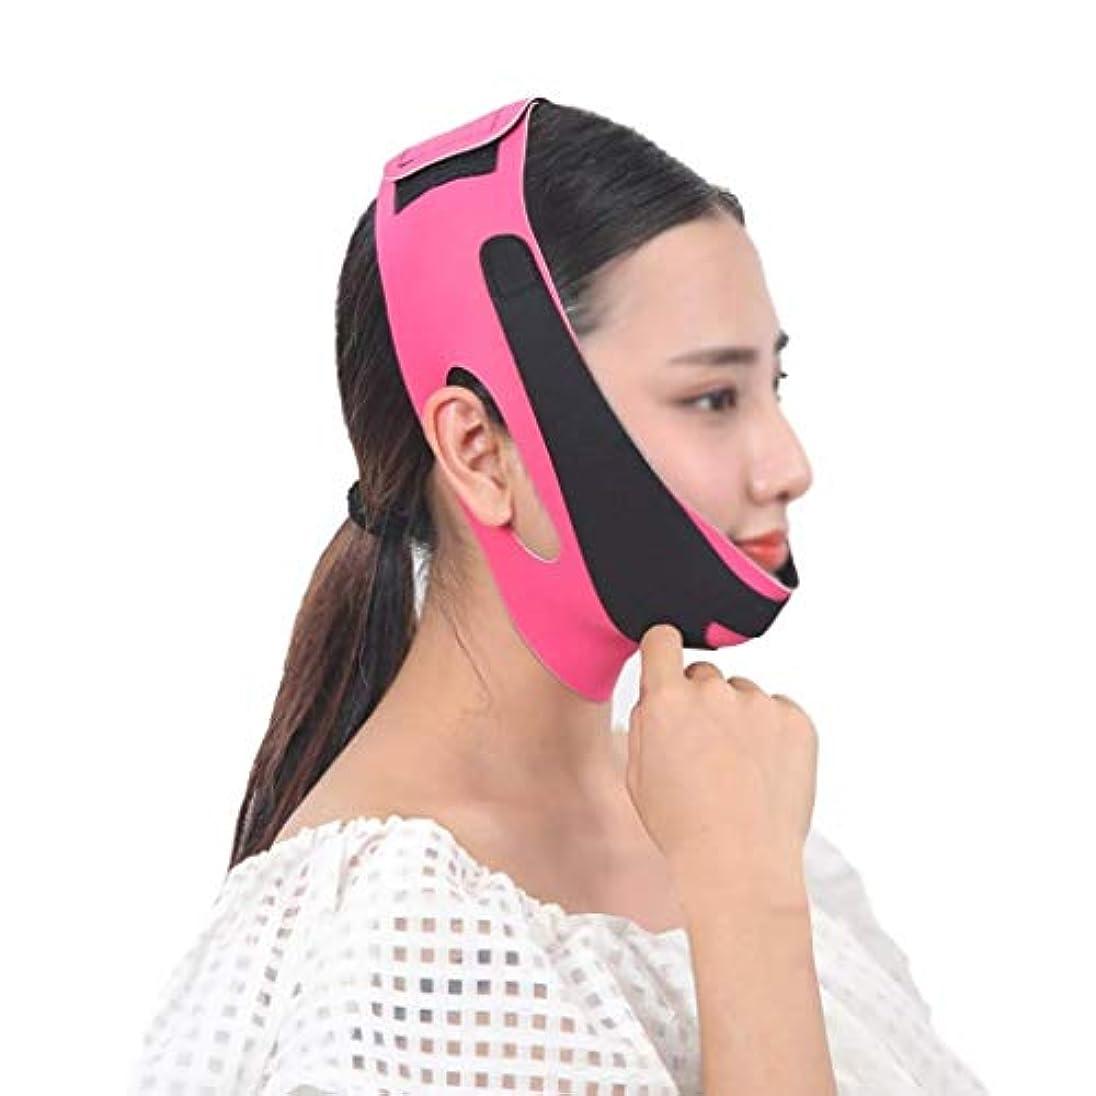 広がりマスタード具体的にフェイスアンドネックリフト術後弾性フェイスマスク小さなV顔アーティファクト薄い顔包帯アーティファクトV顔ぶら下げ耳リフティング引き締め薄い顔アーティファクト